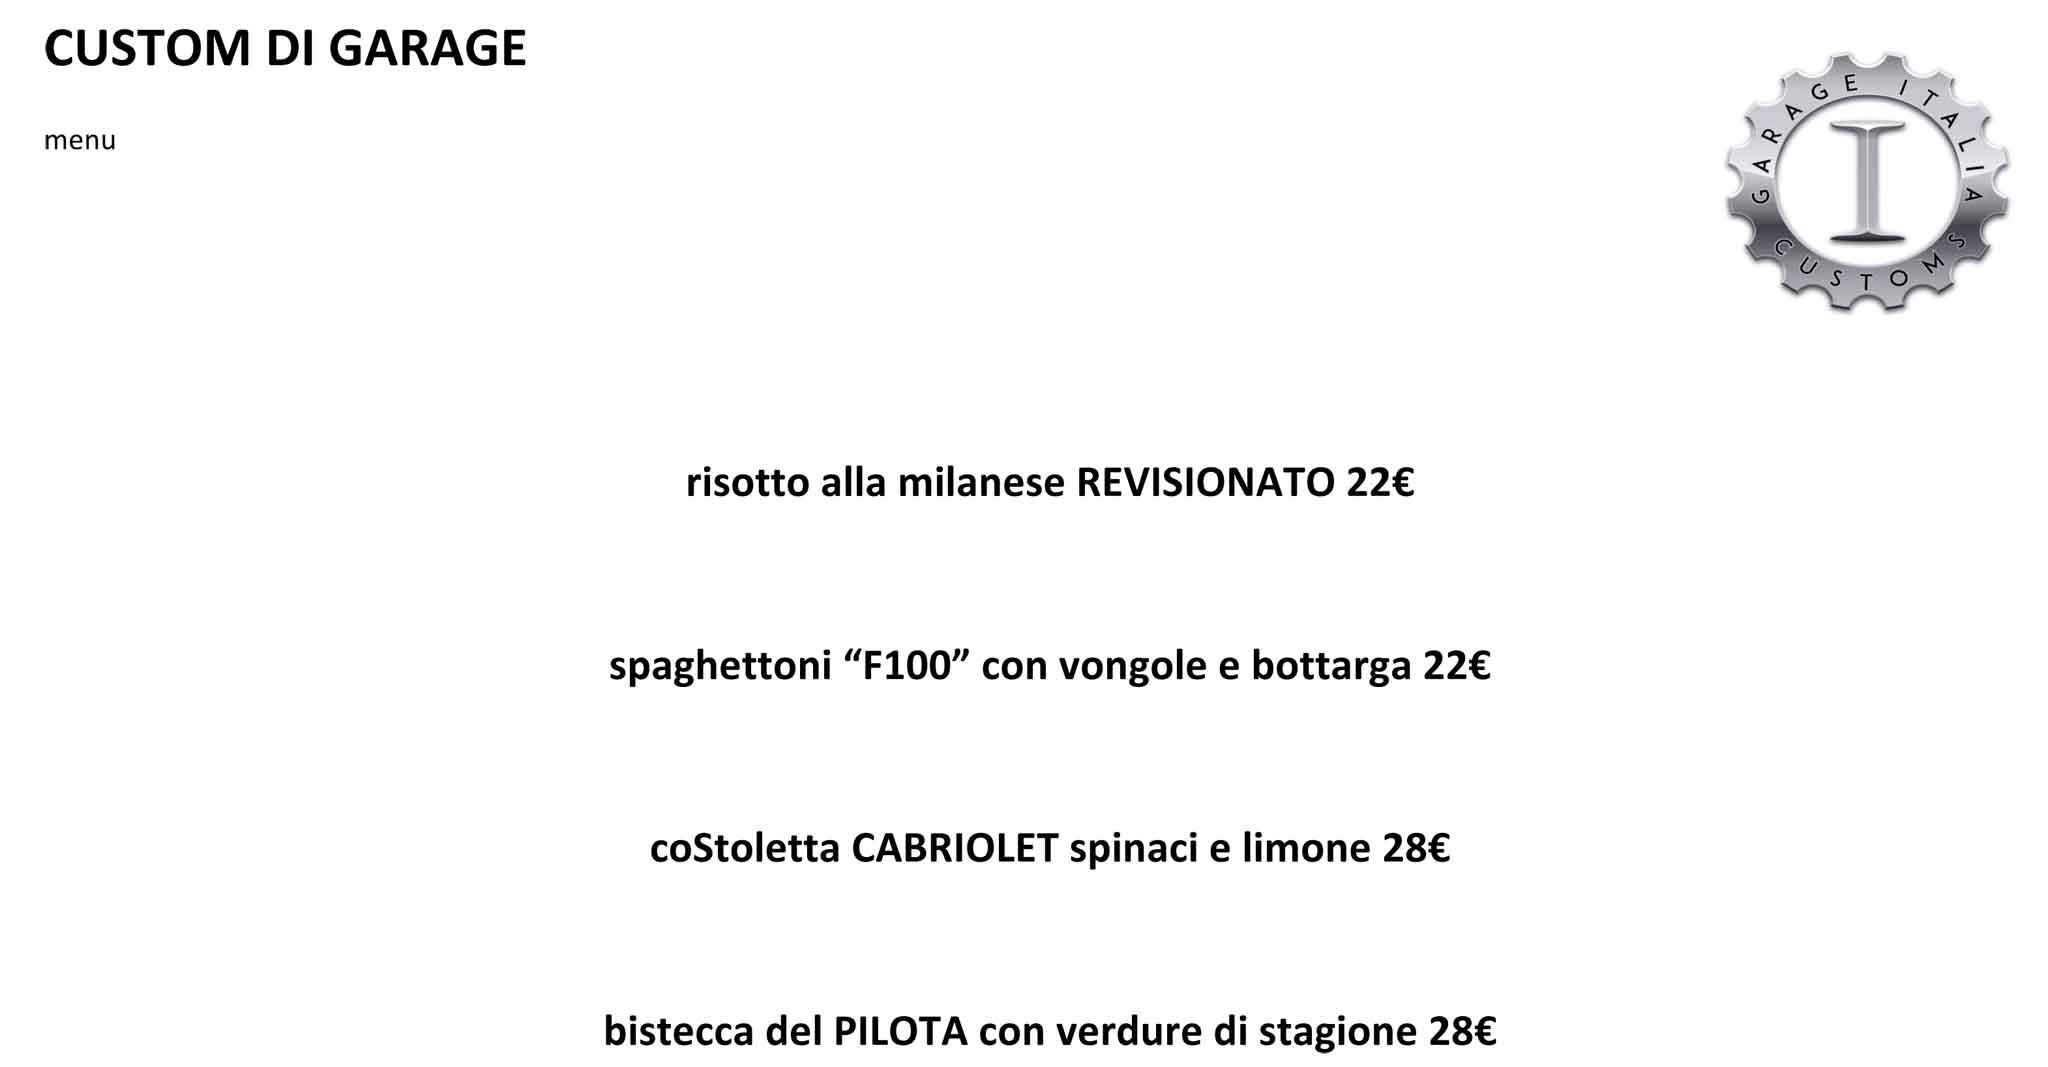 Estremamente Milano. Menu e prezzi dei piatti di Garage Italia Customs che apre  GP64